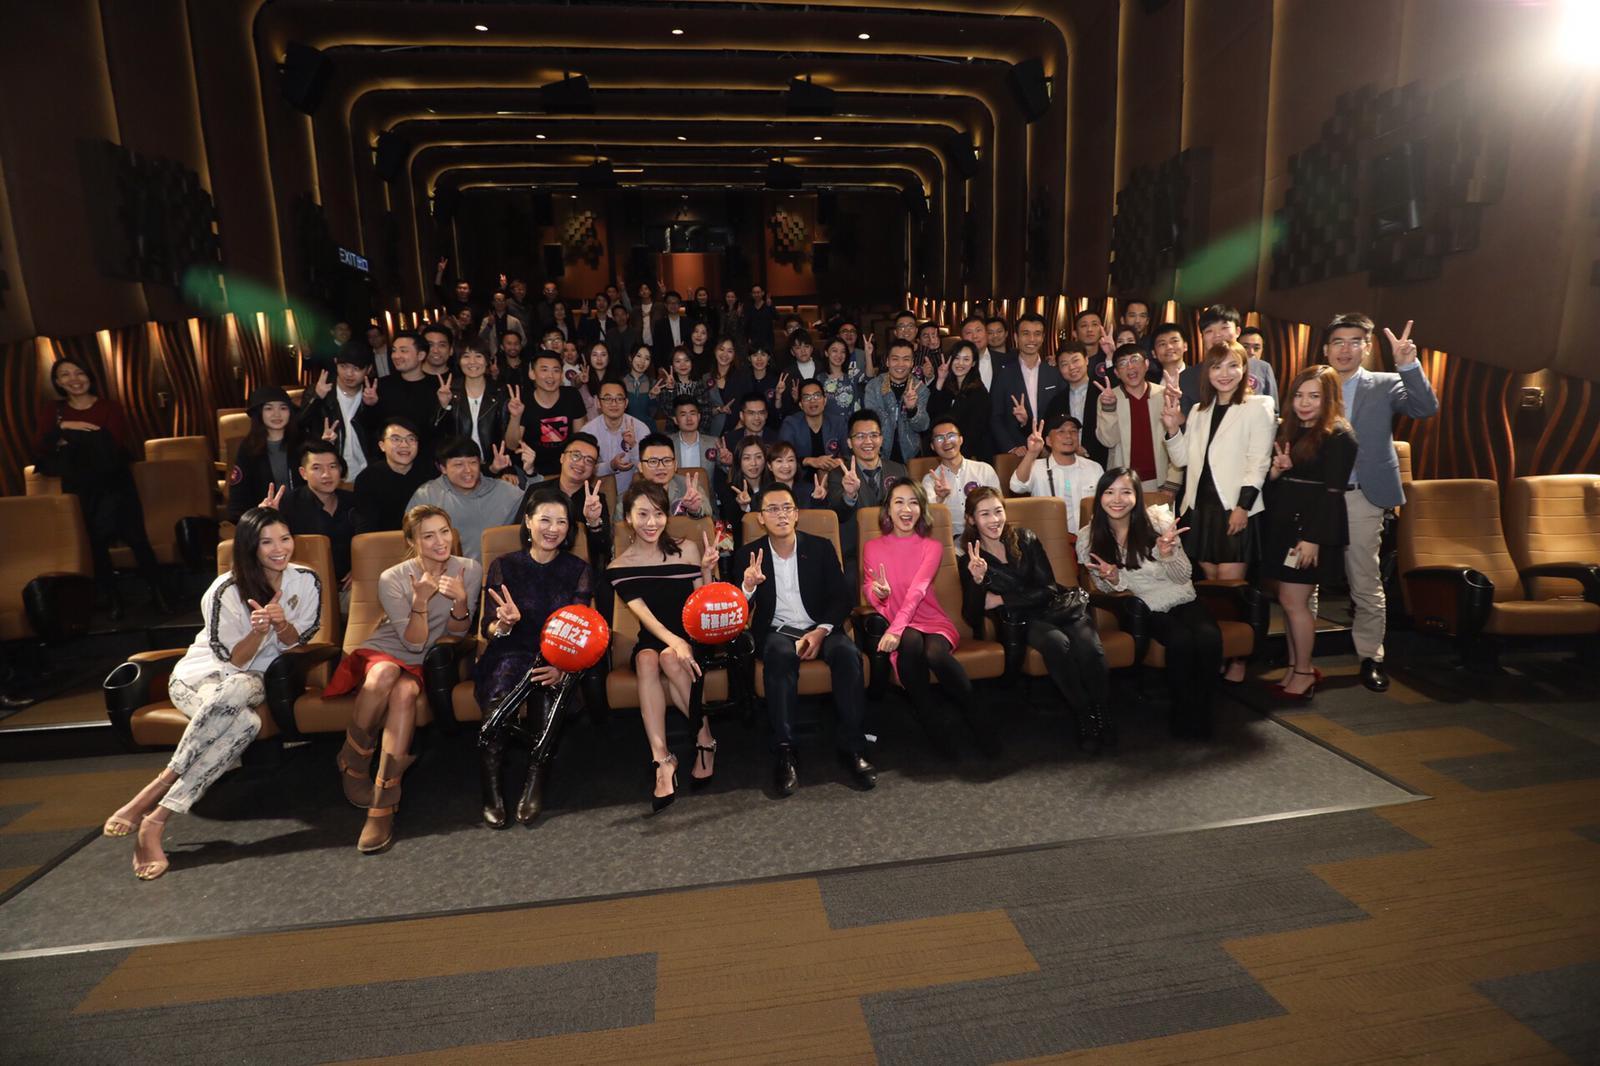 區塊錬娛樂平台伙新喜劇之王舉行祝酒會,女主角鄂靖文及田雞一同出席